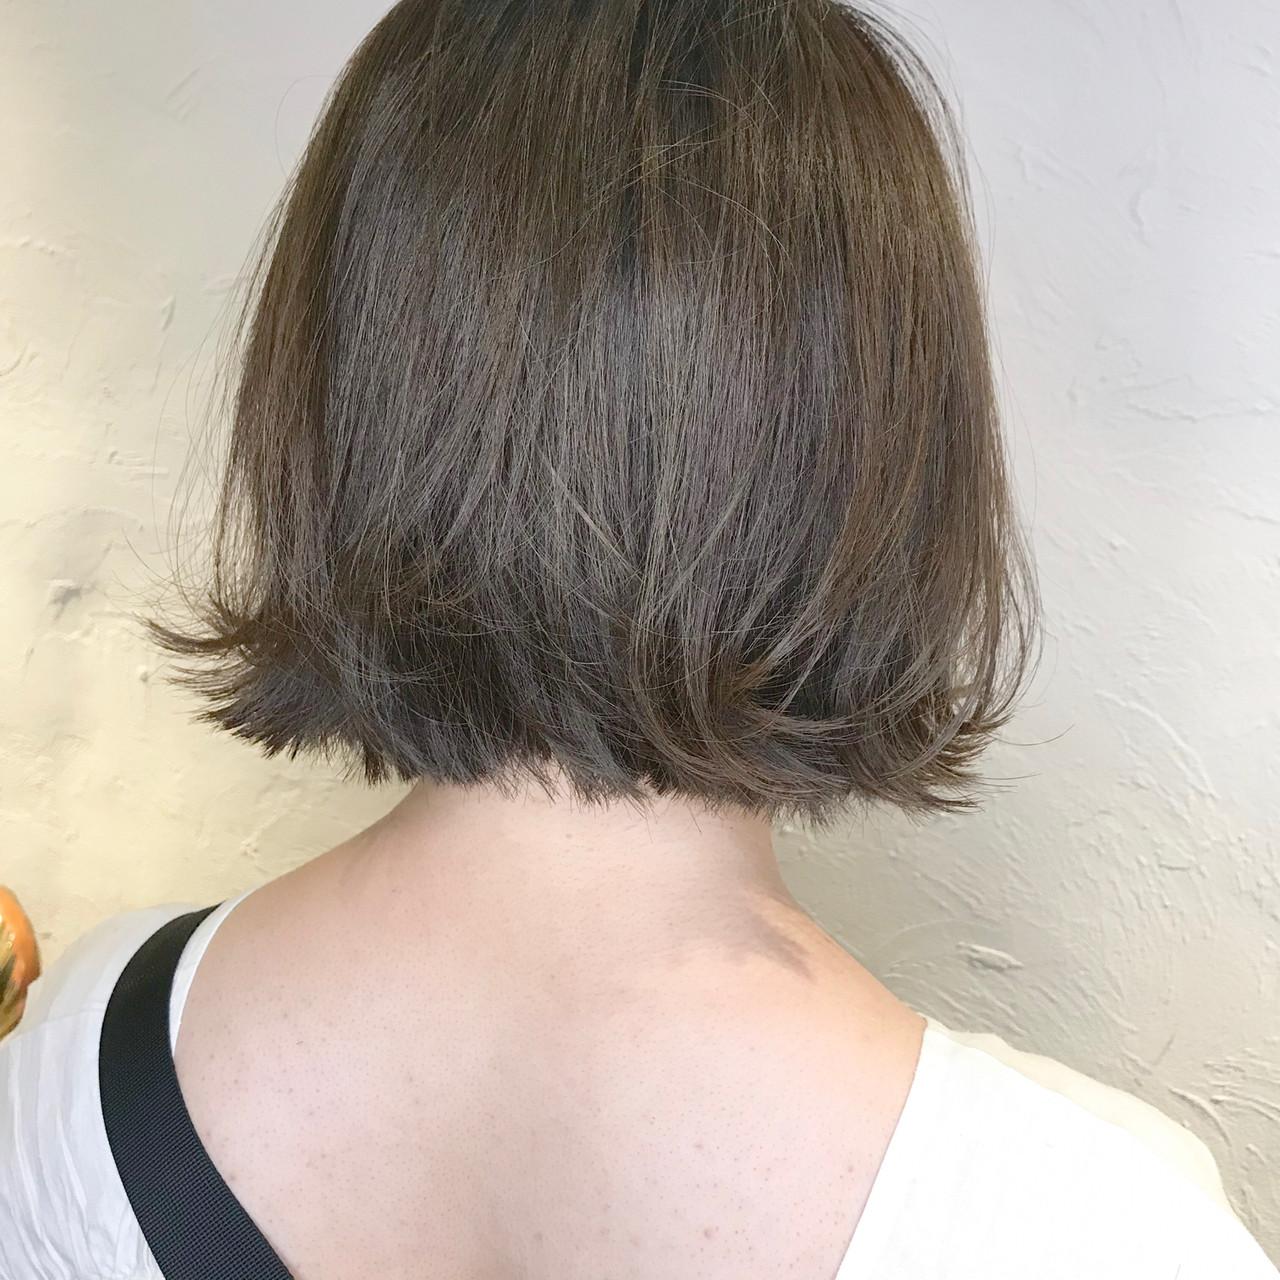 ナチュラル ヘアアレンジ ボブ ミントアッシュ ヘアスタイルや髪型の写真・画像